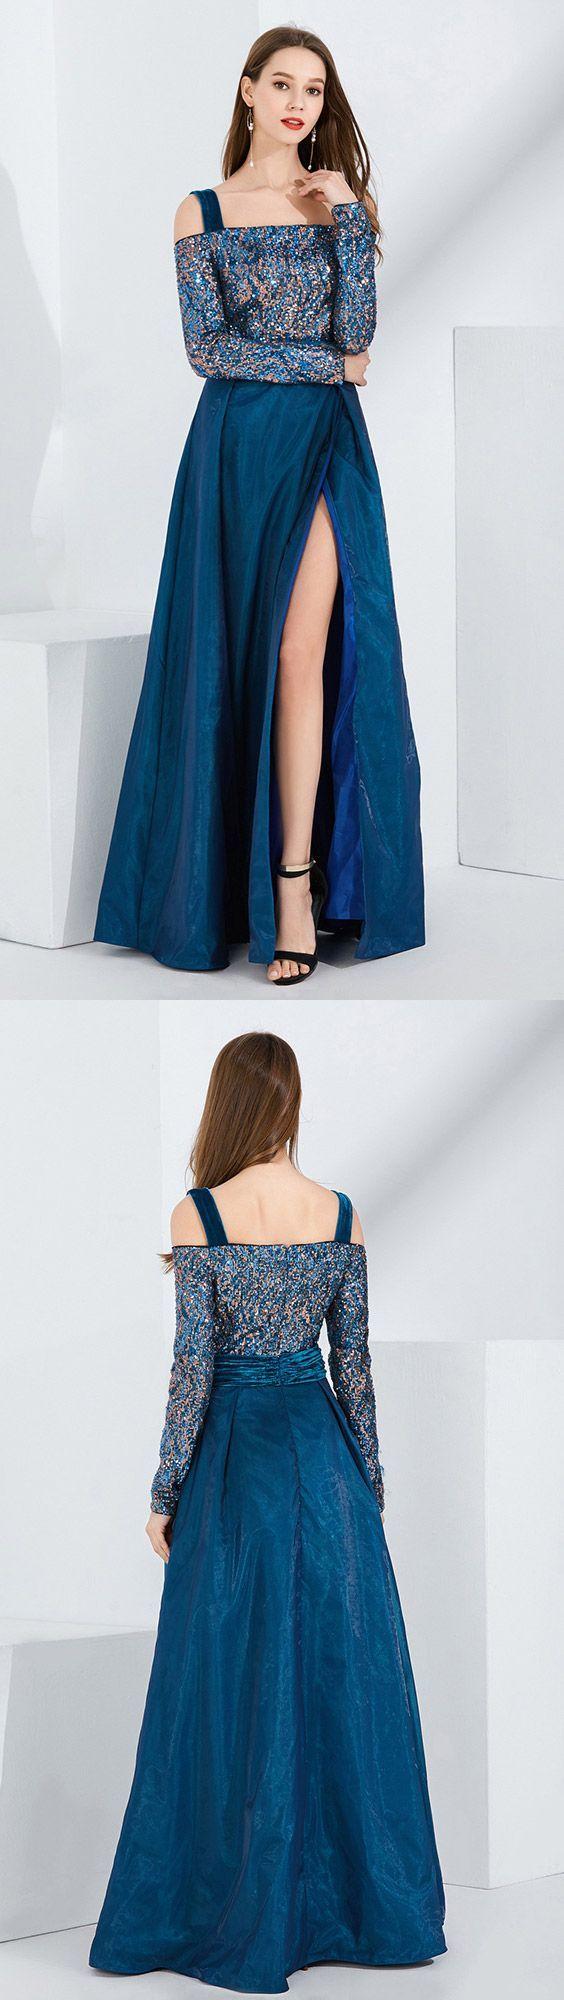 Blue velvet slit sequined formal dress with off shoulder long